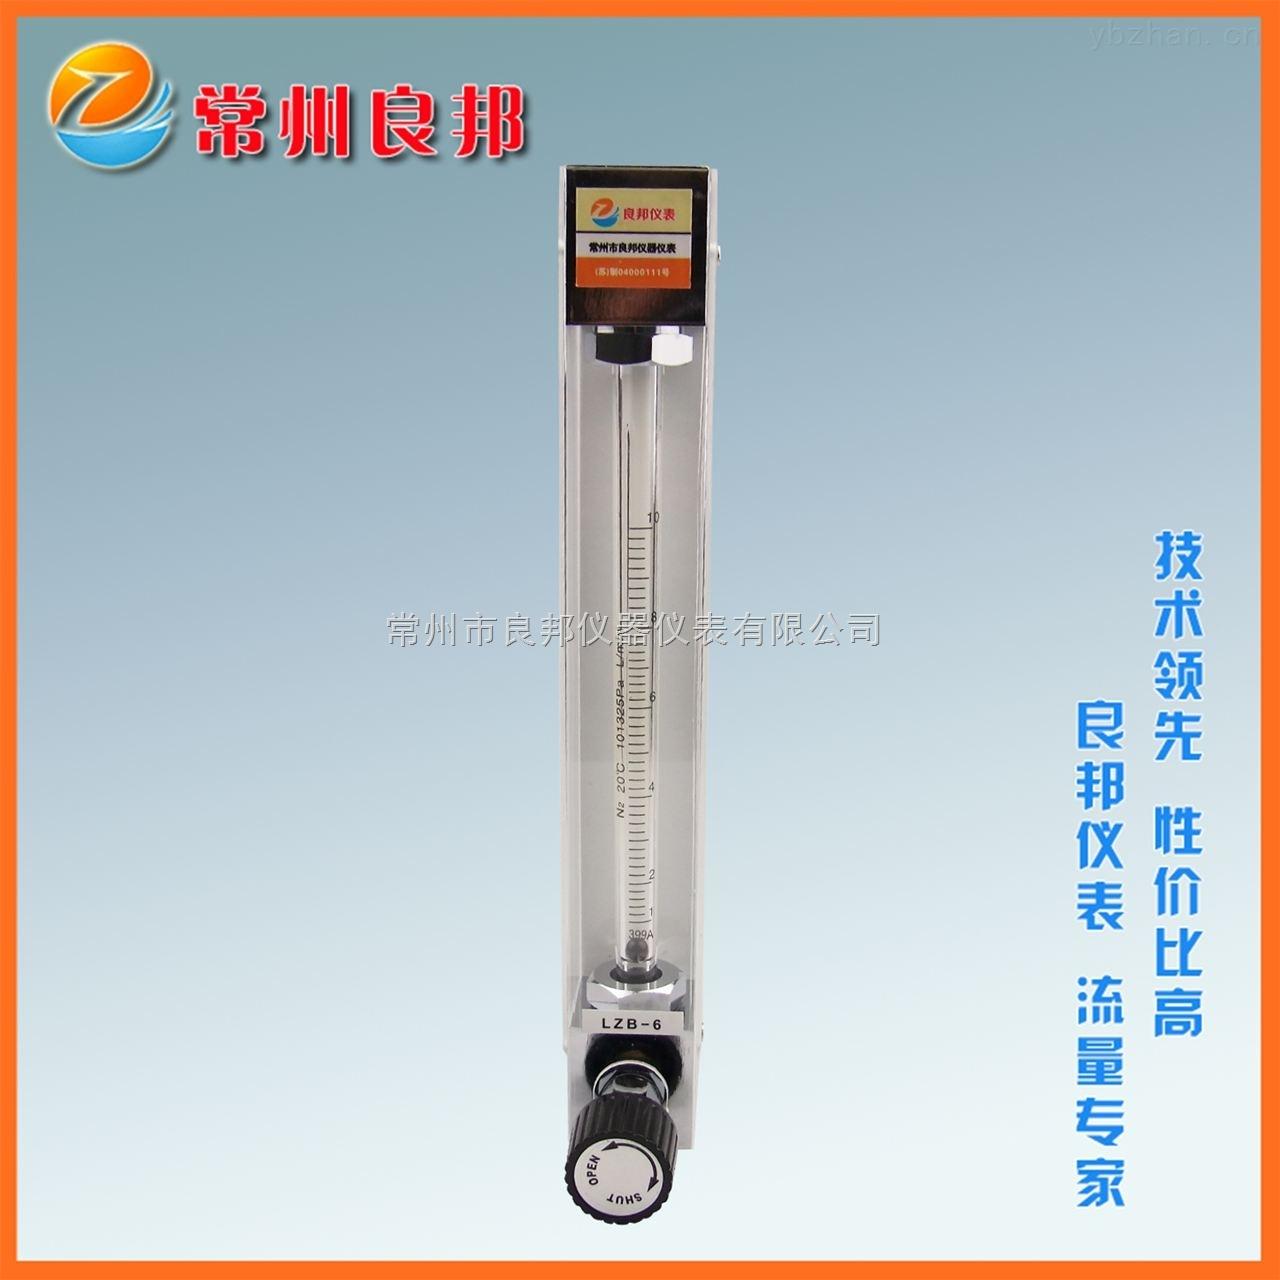 LZB-6F气体微小玻璃转子流量计耐高压型